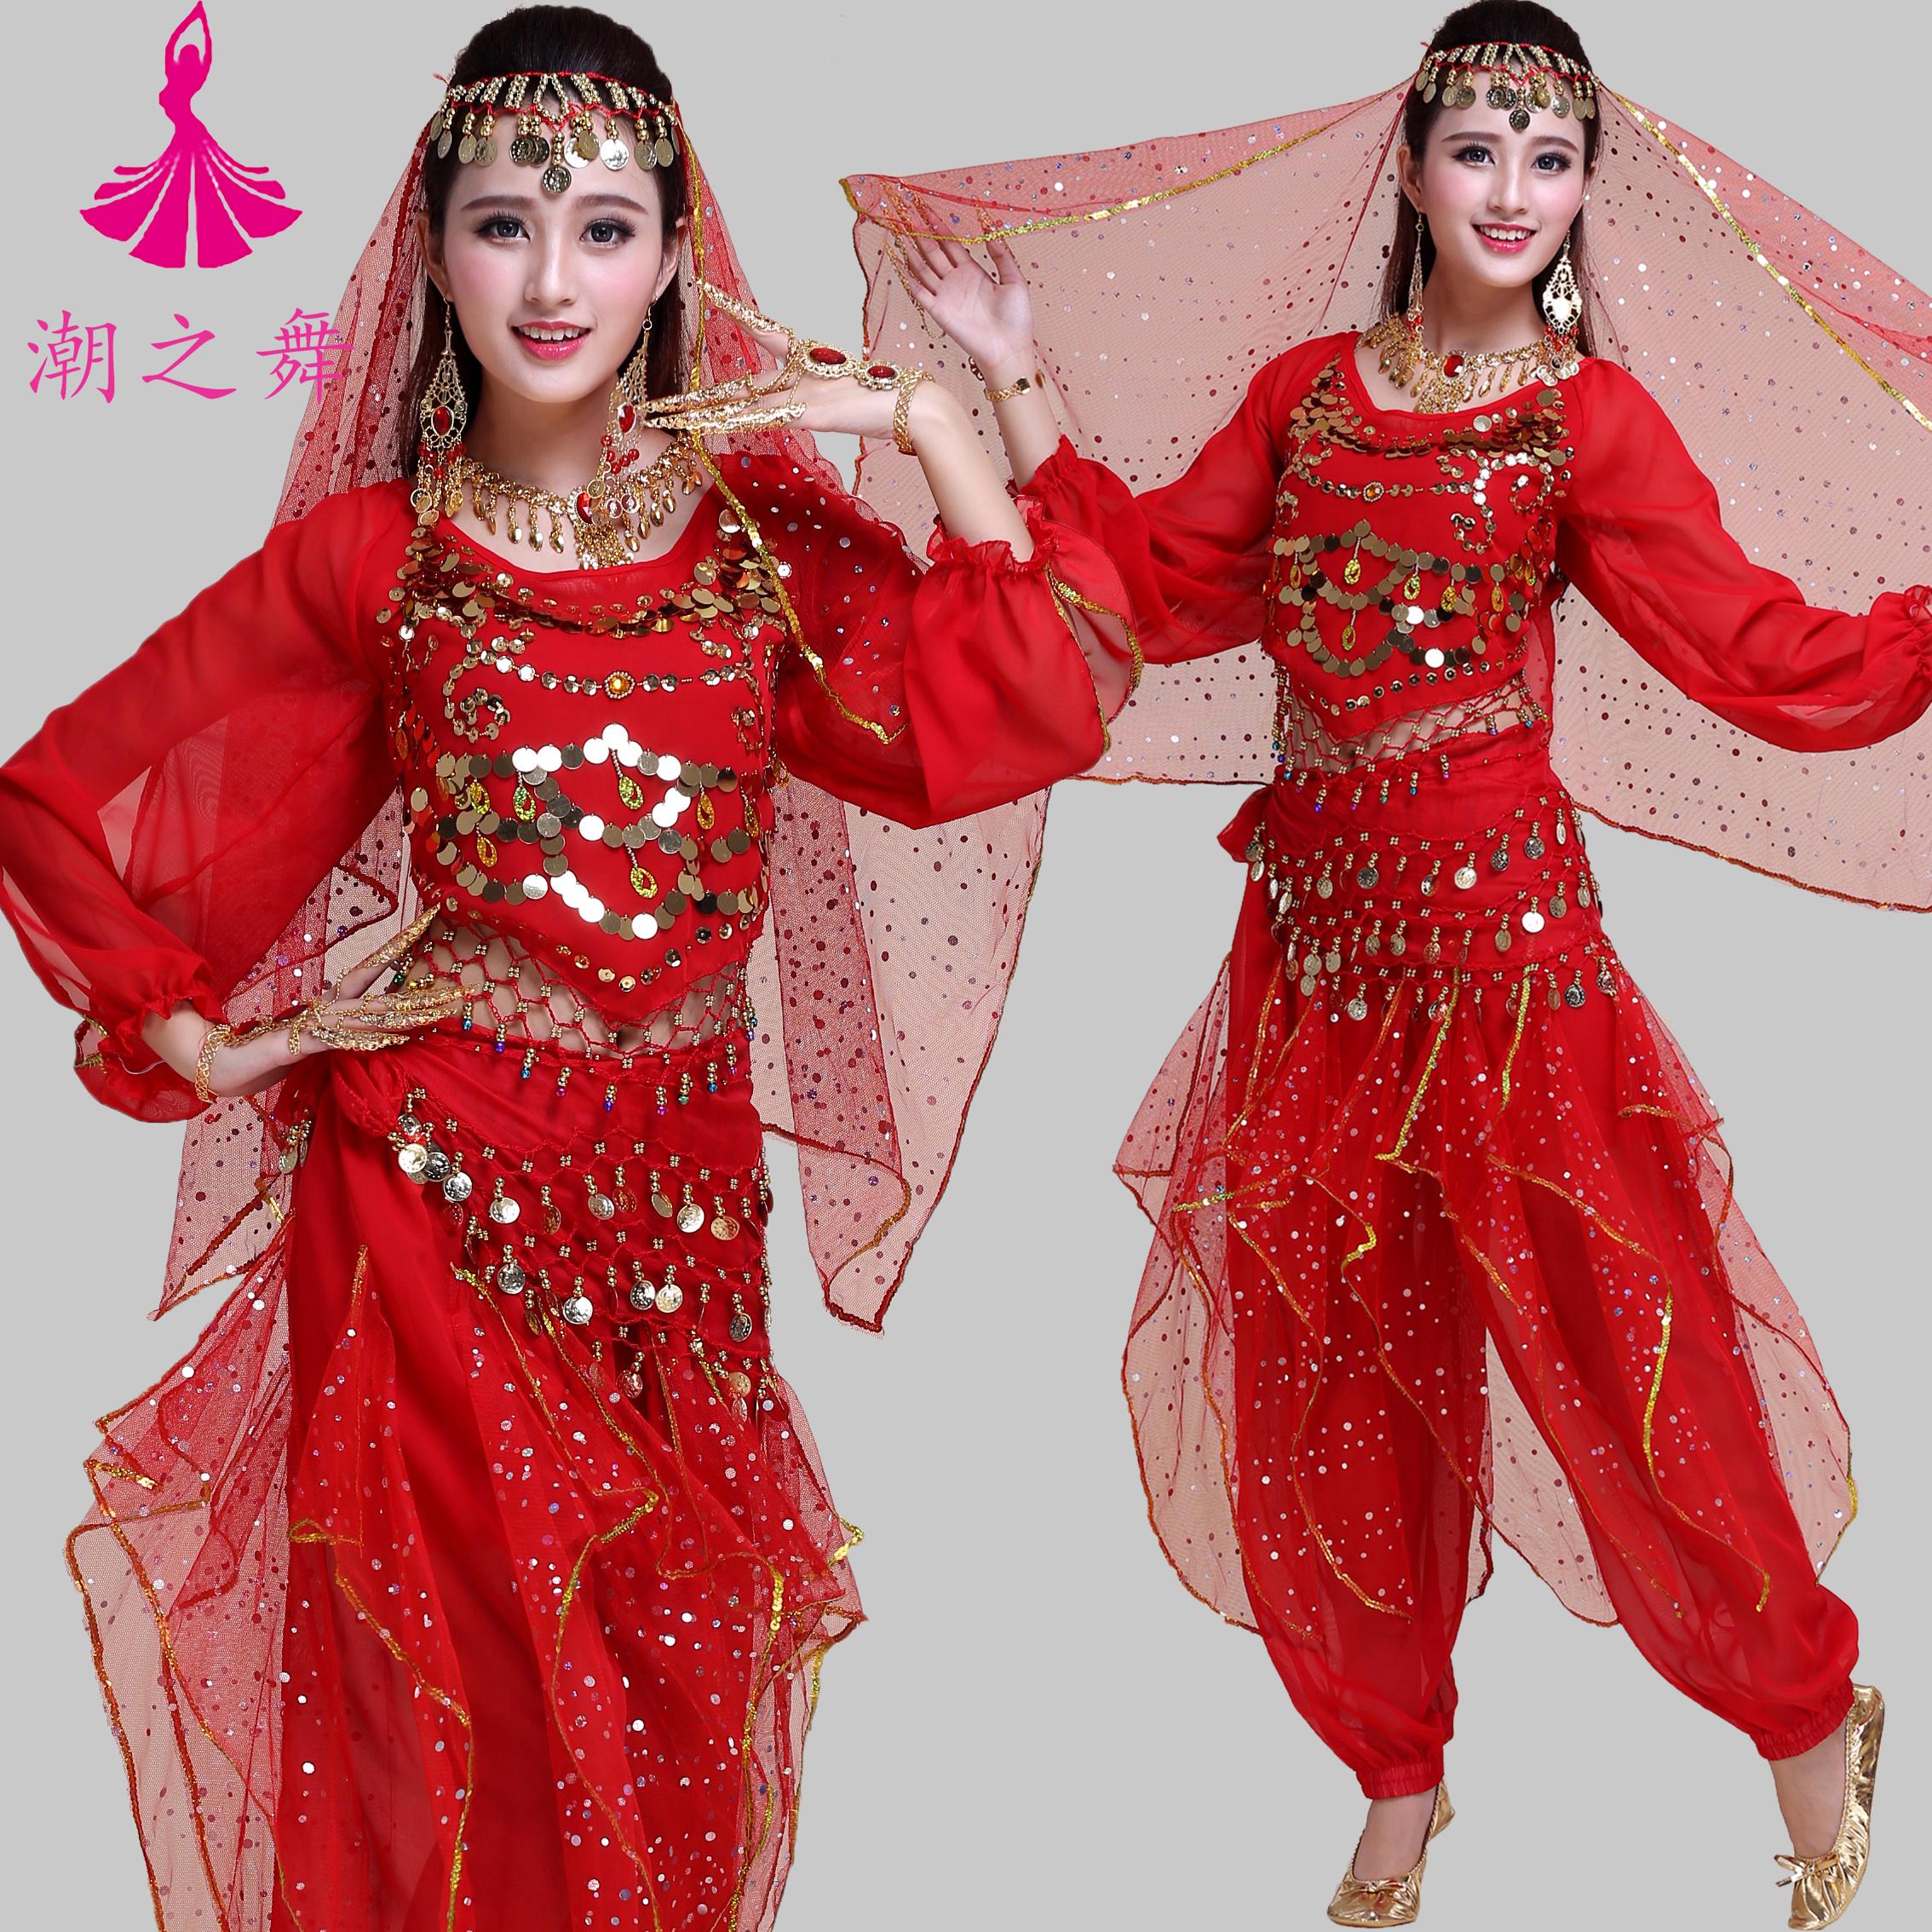 Рубец кожа танец установите 2017 новый производительность одежда производительность женская одежда для взрослых индия танец одежда длинный рукав осень и зима бесплатная доставка